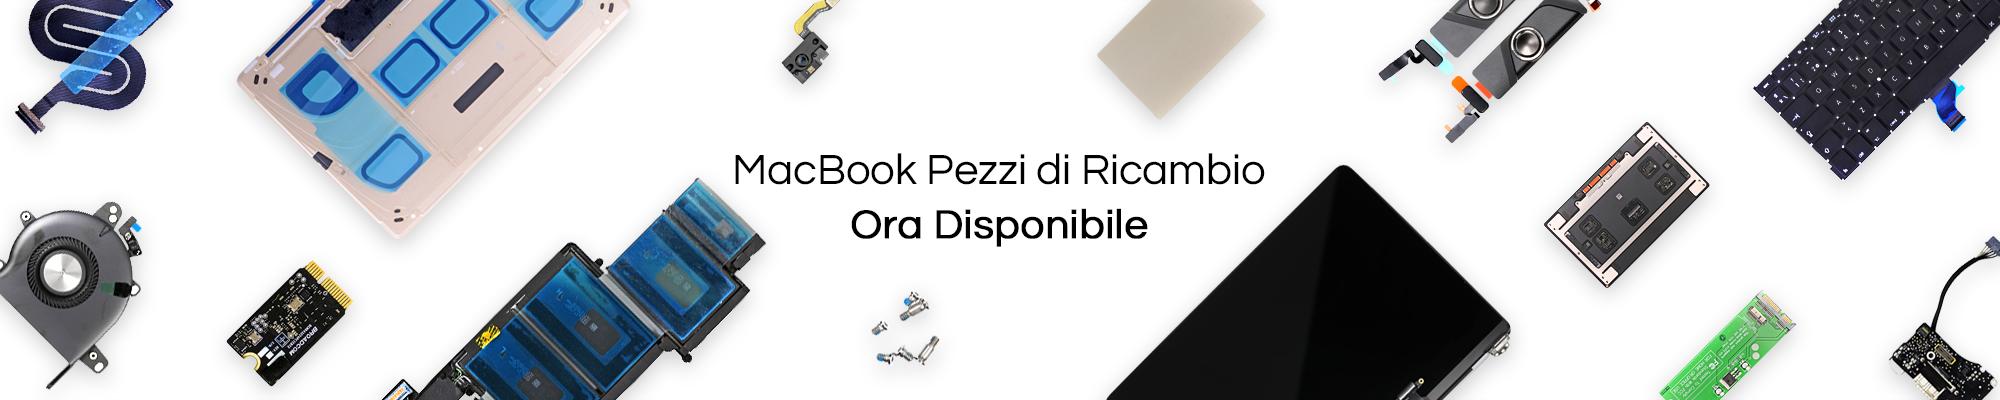 Nuovi pezzi di ricambio e accessori disponibili Apple Macbook